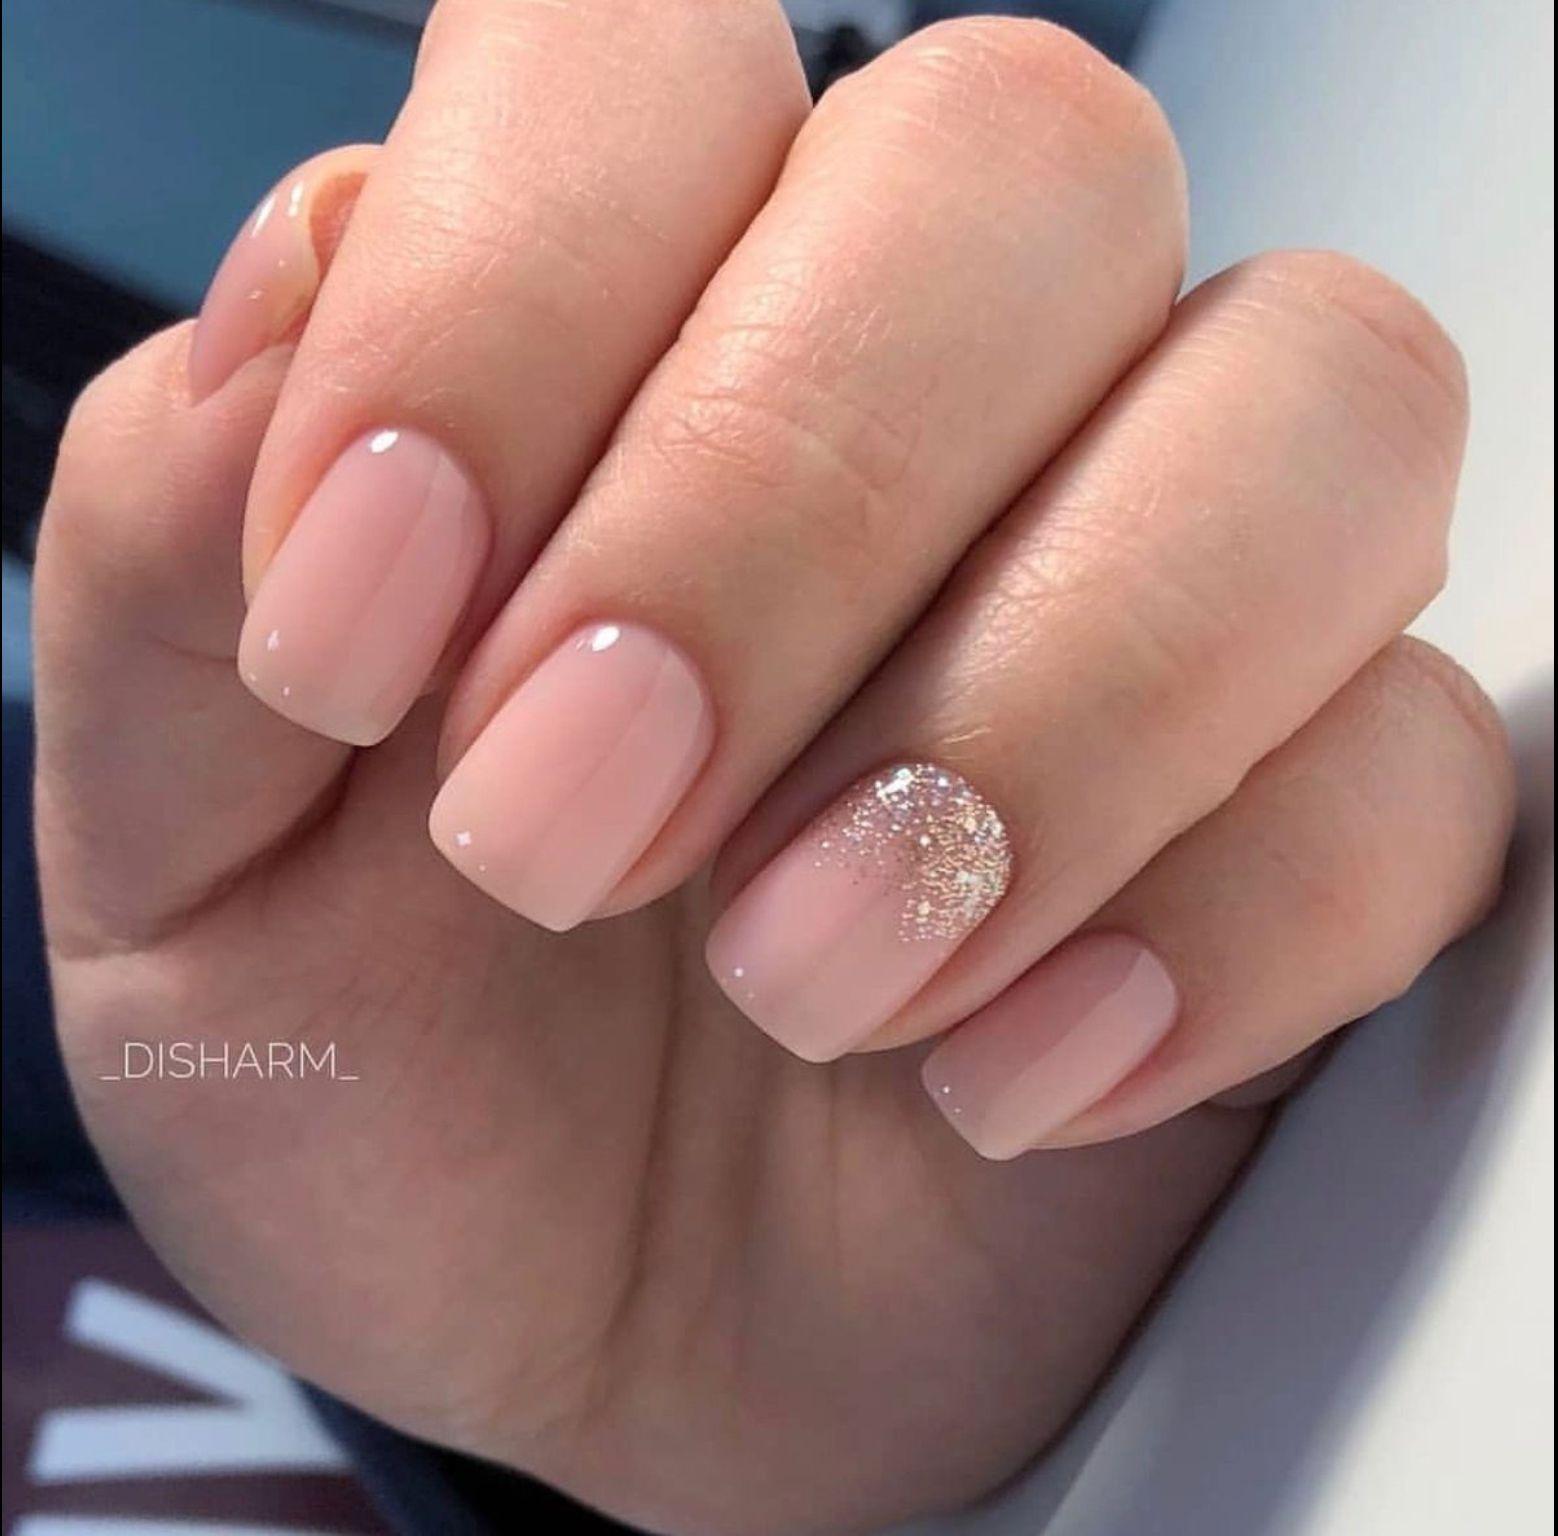 Nail Length And Color Bride Nails Solid Color Nails Pink Nails